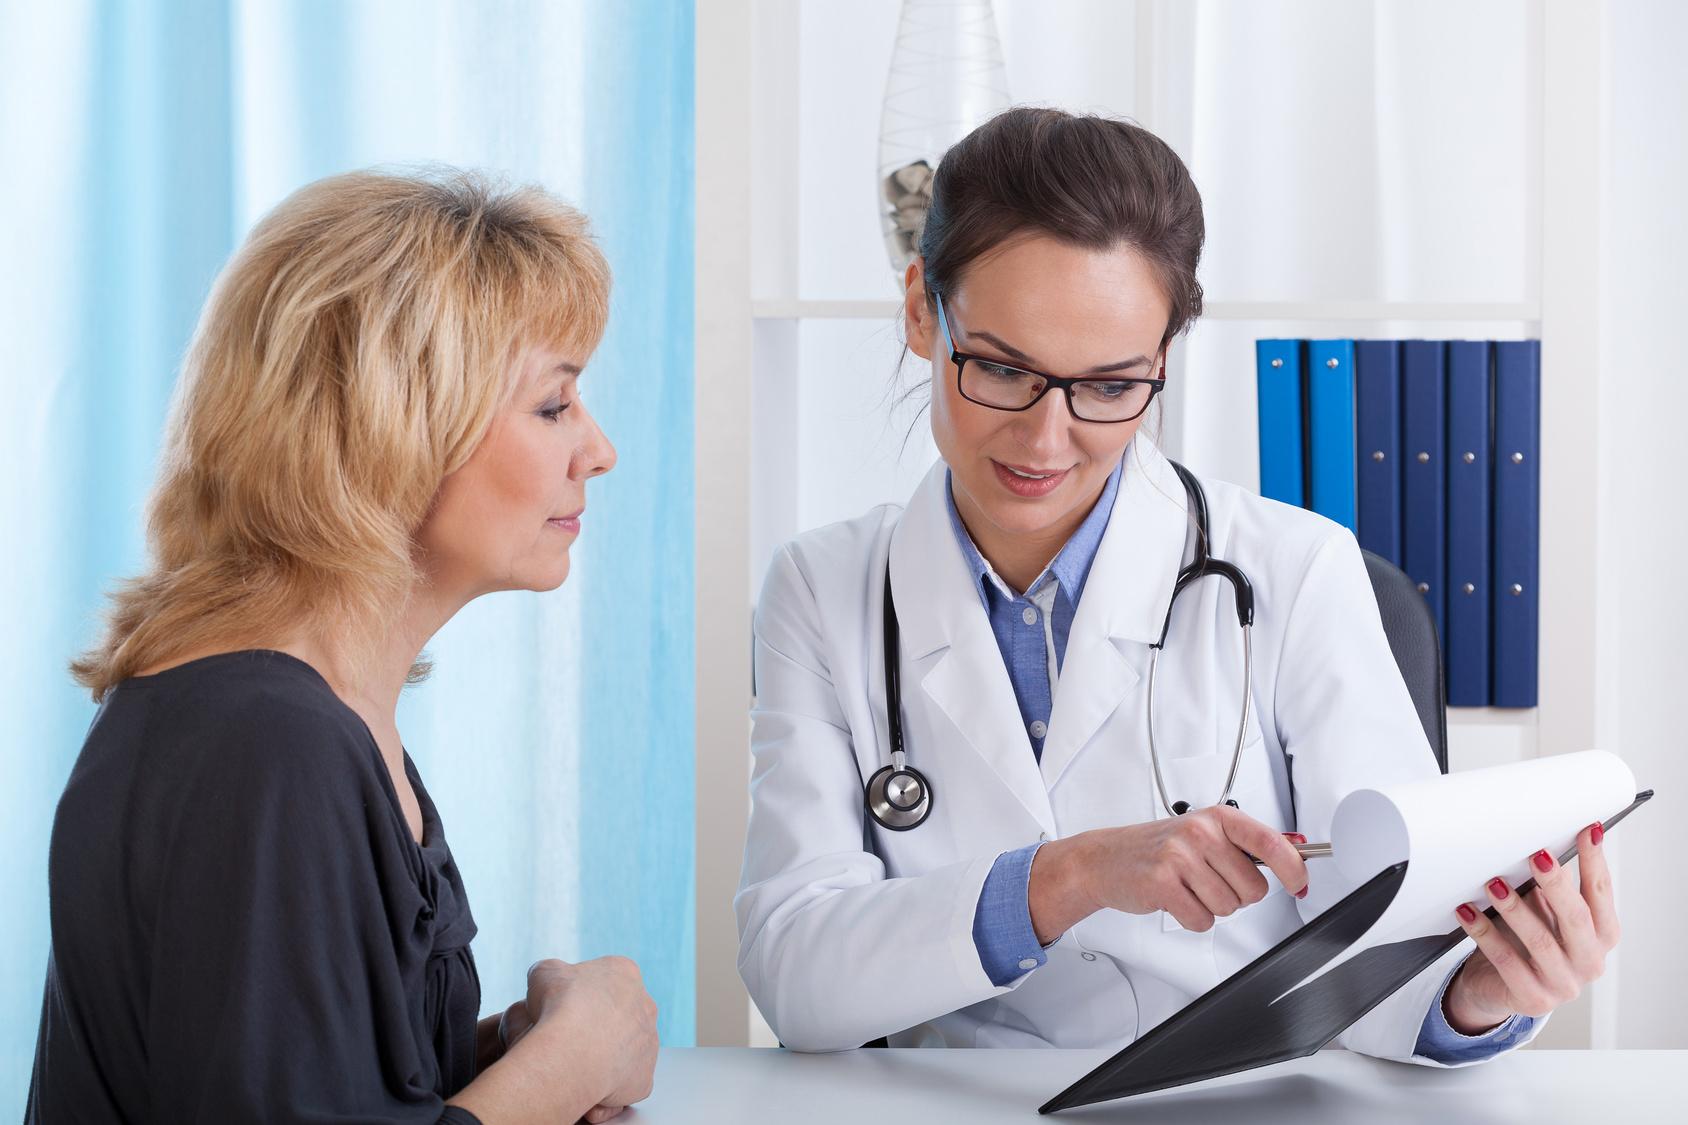 врач рекомендует женщине